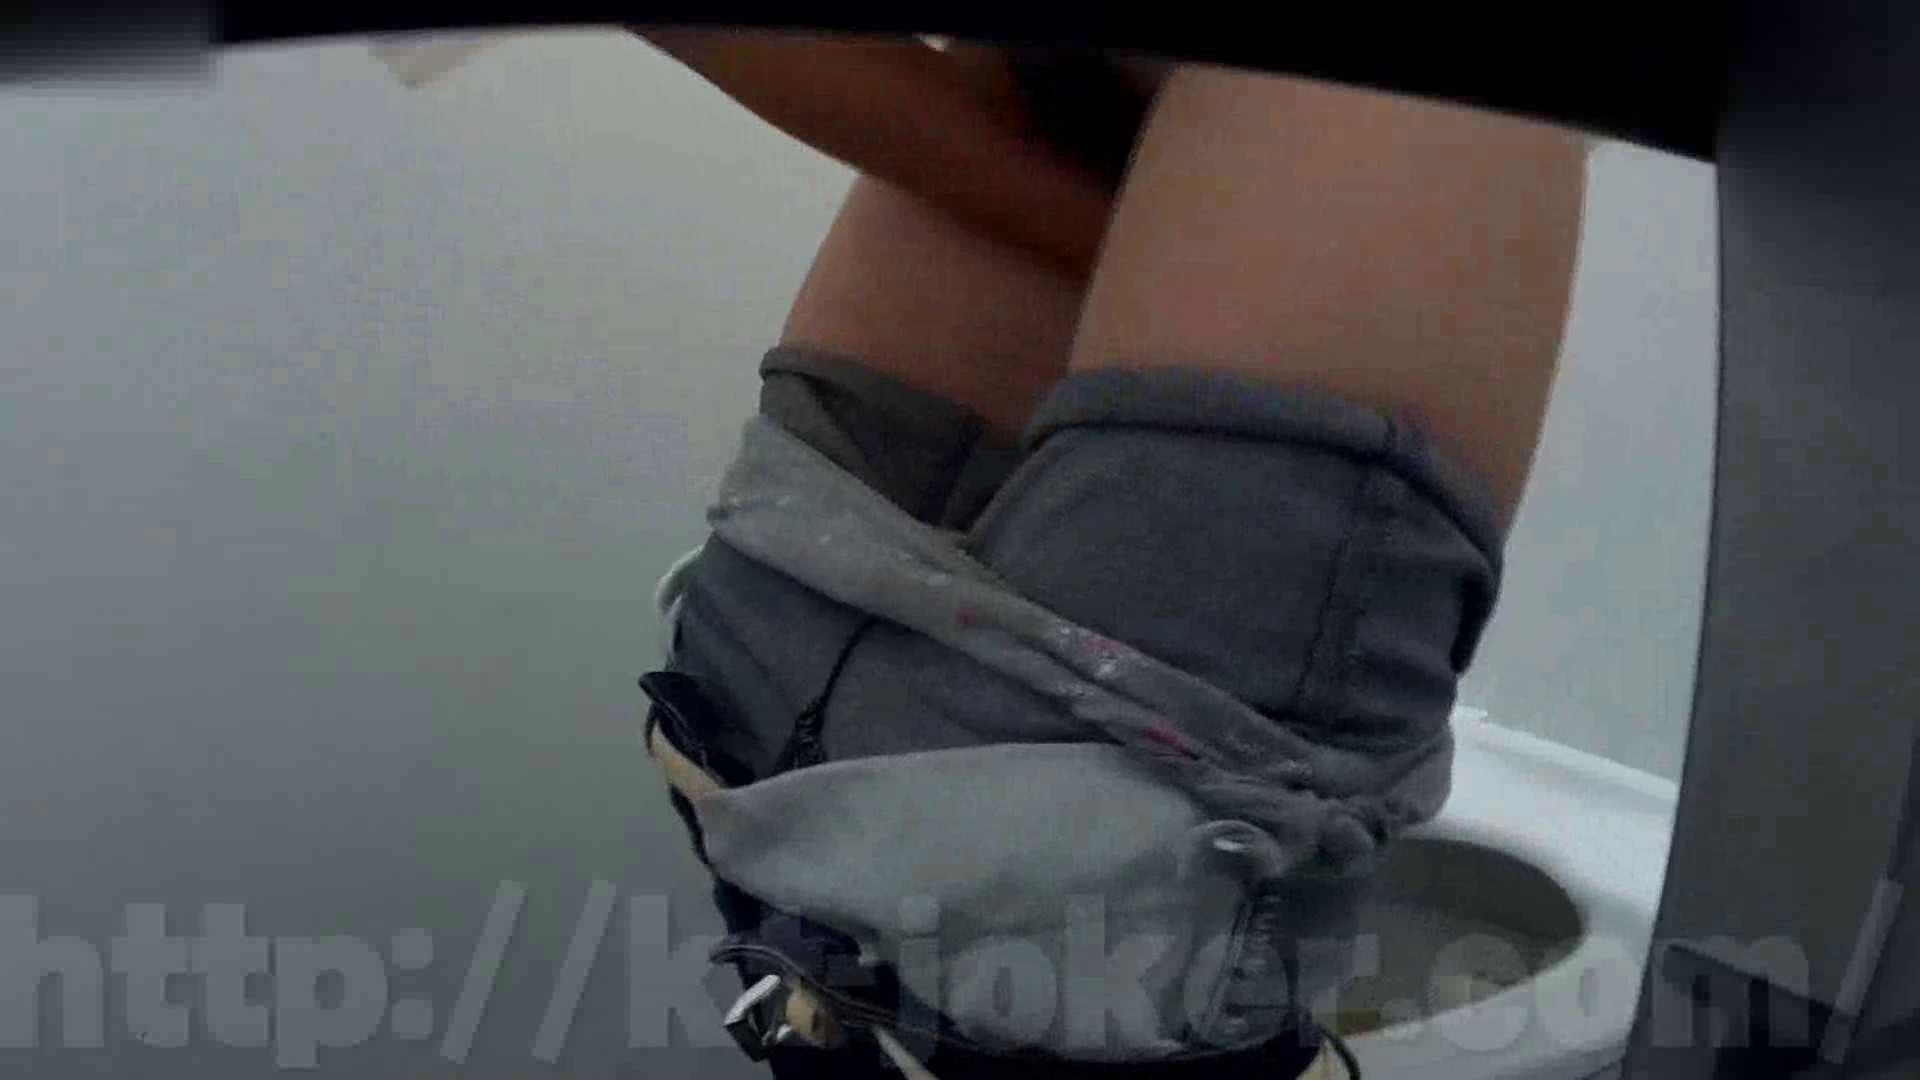 無修正エロ動画 有名大学女性洗面所 vol.51 鼻ホジギャルにスレンダーのヤングな美女。 のぞき本舗 中村屋